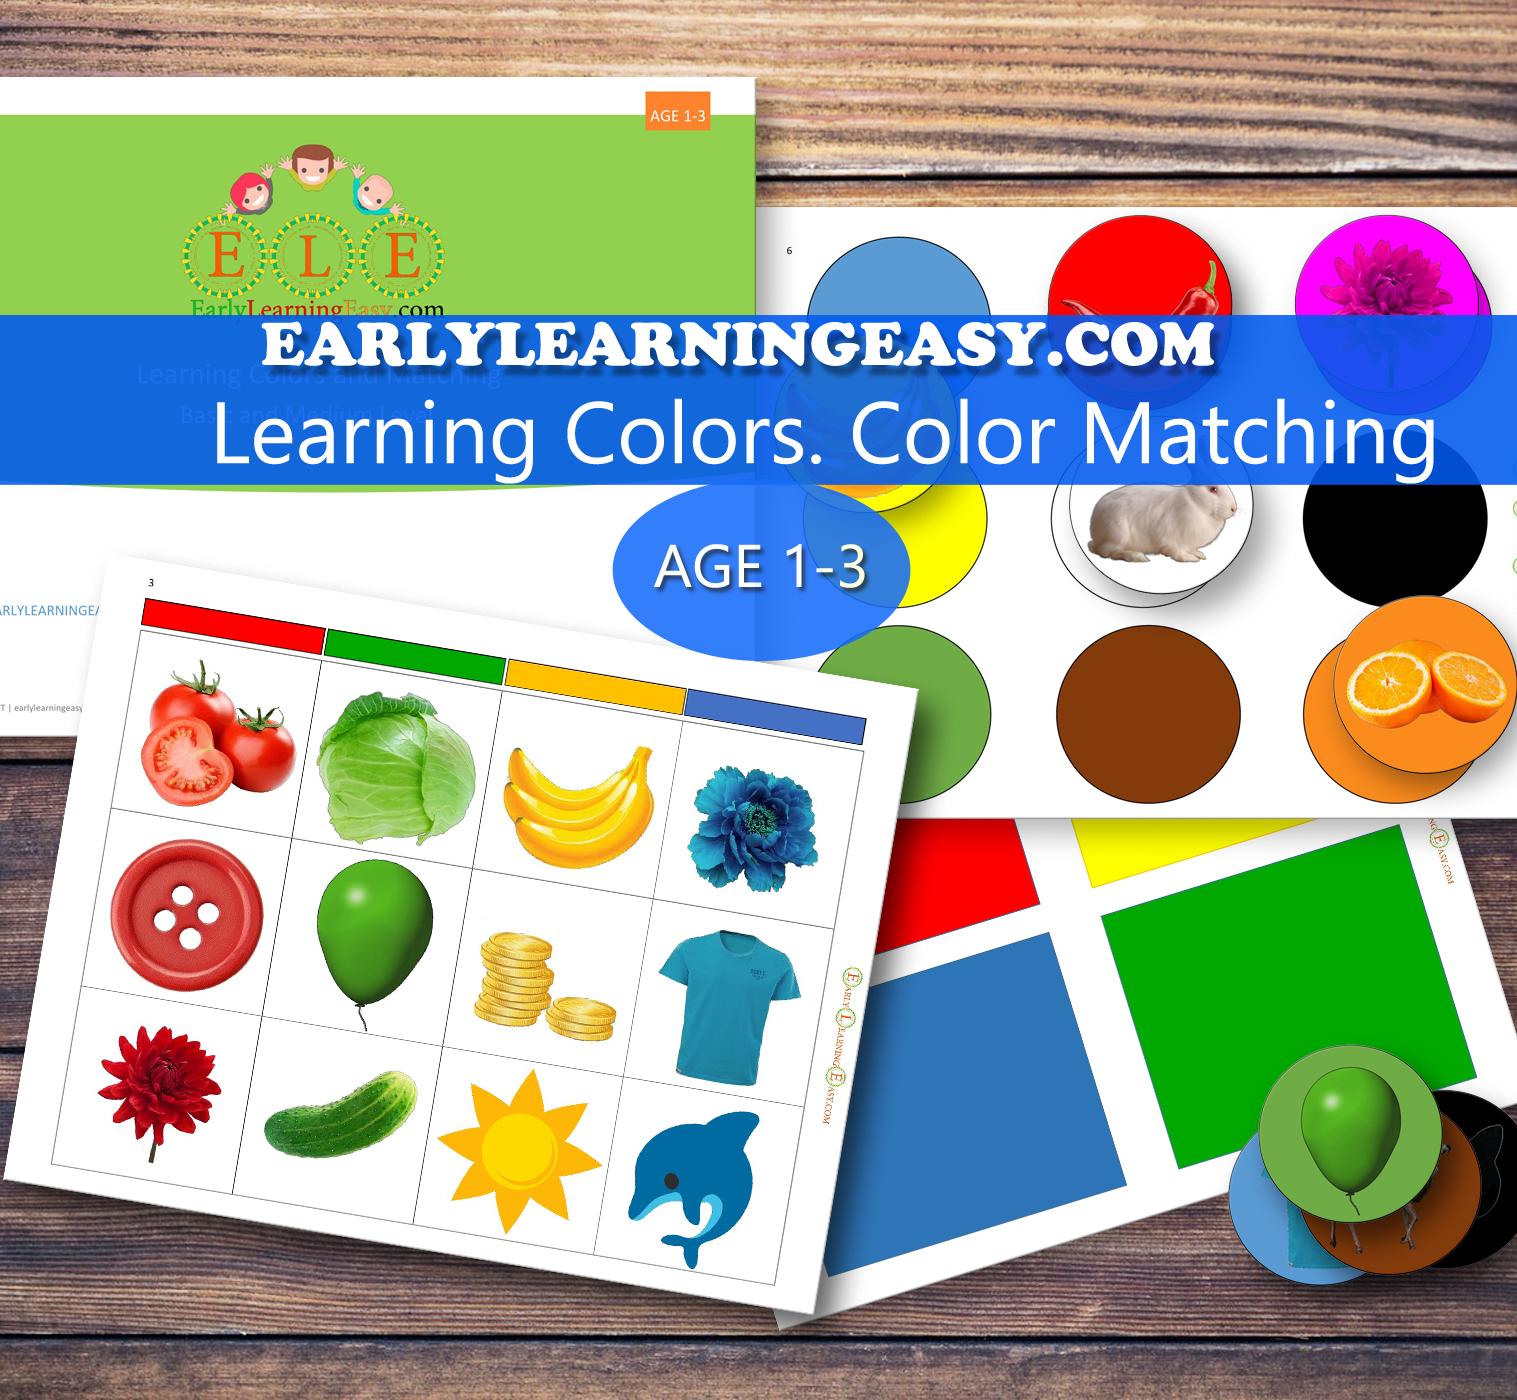 Learning Color matching Basic-Medium (1-3)